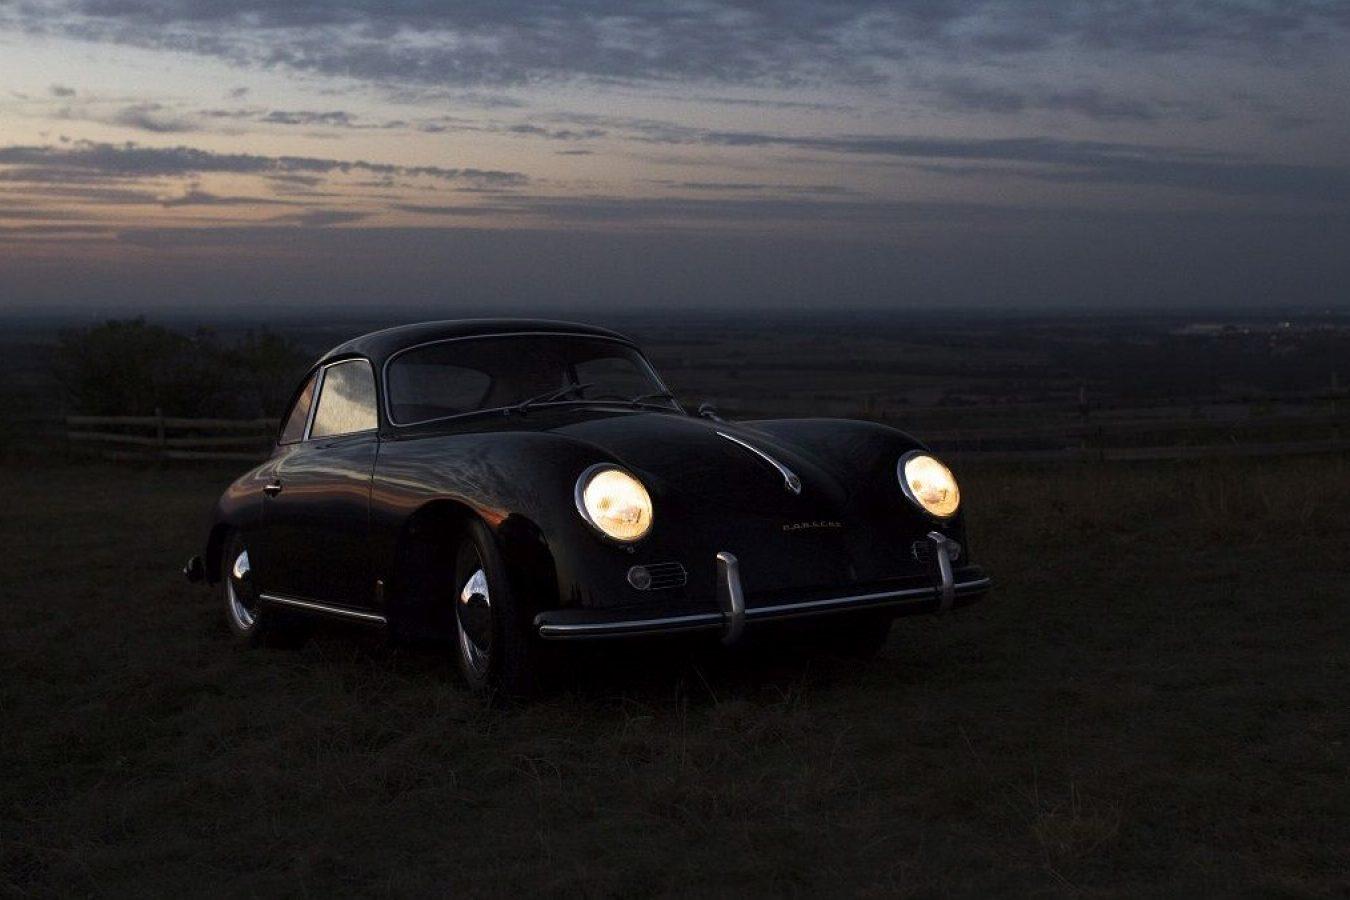 Schwarzer Porsche 356A bei Sonnenuntergang